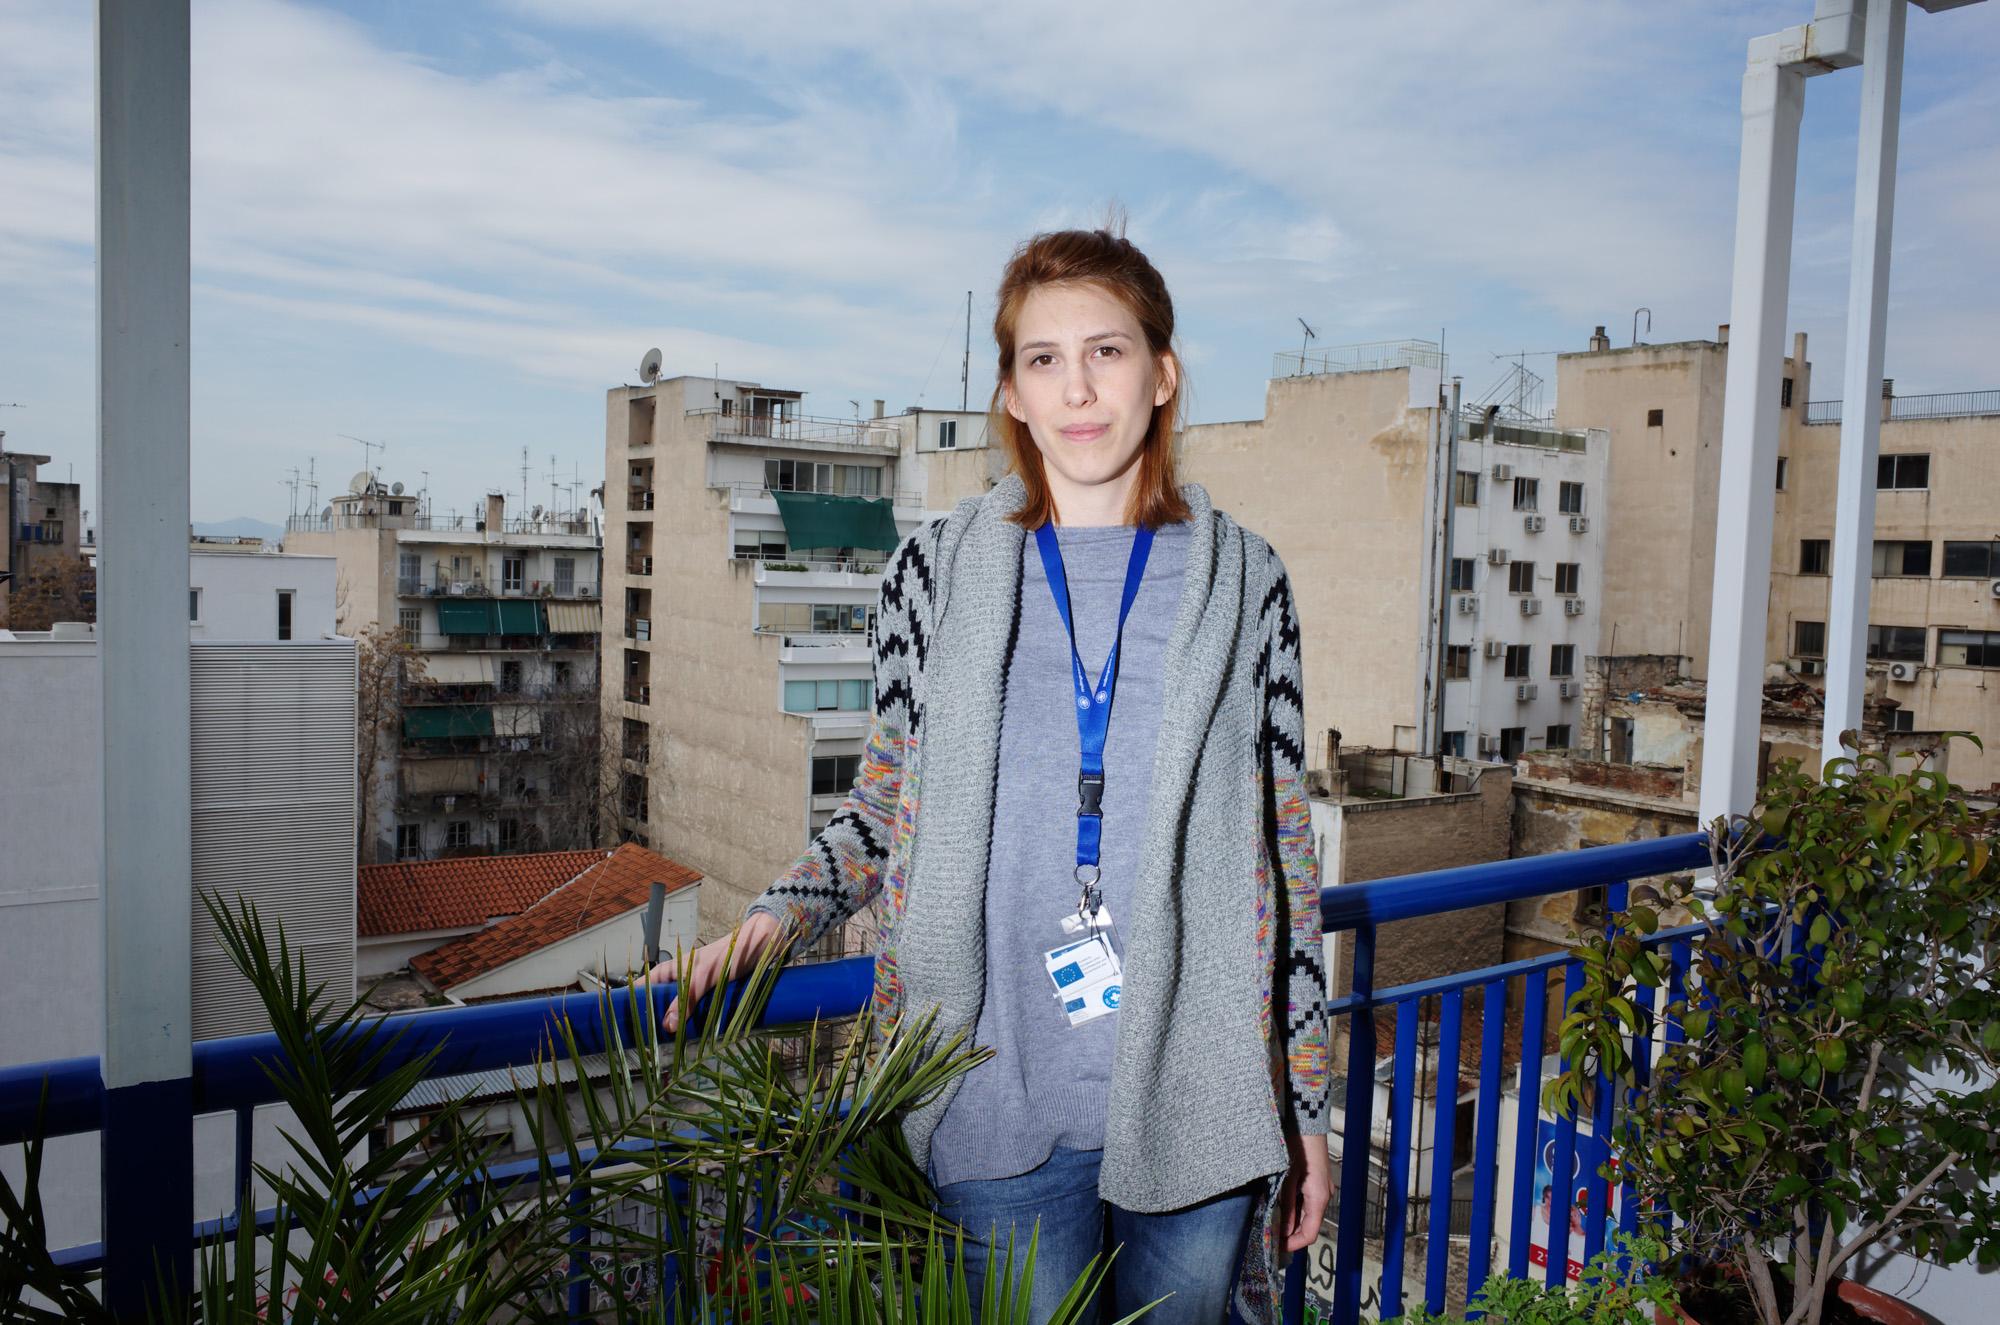 γιατρός που βγαίνει με συμβουλές εφηβική ιστοσελίδες γνωριμιών κάτω των 18